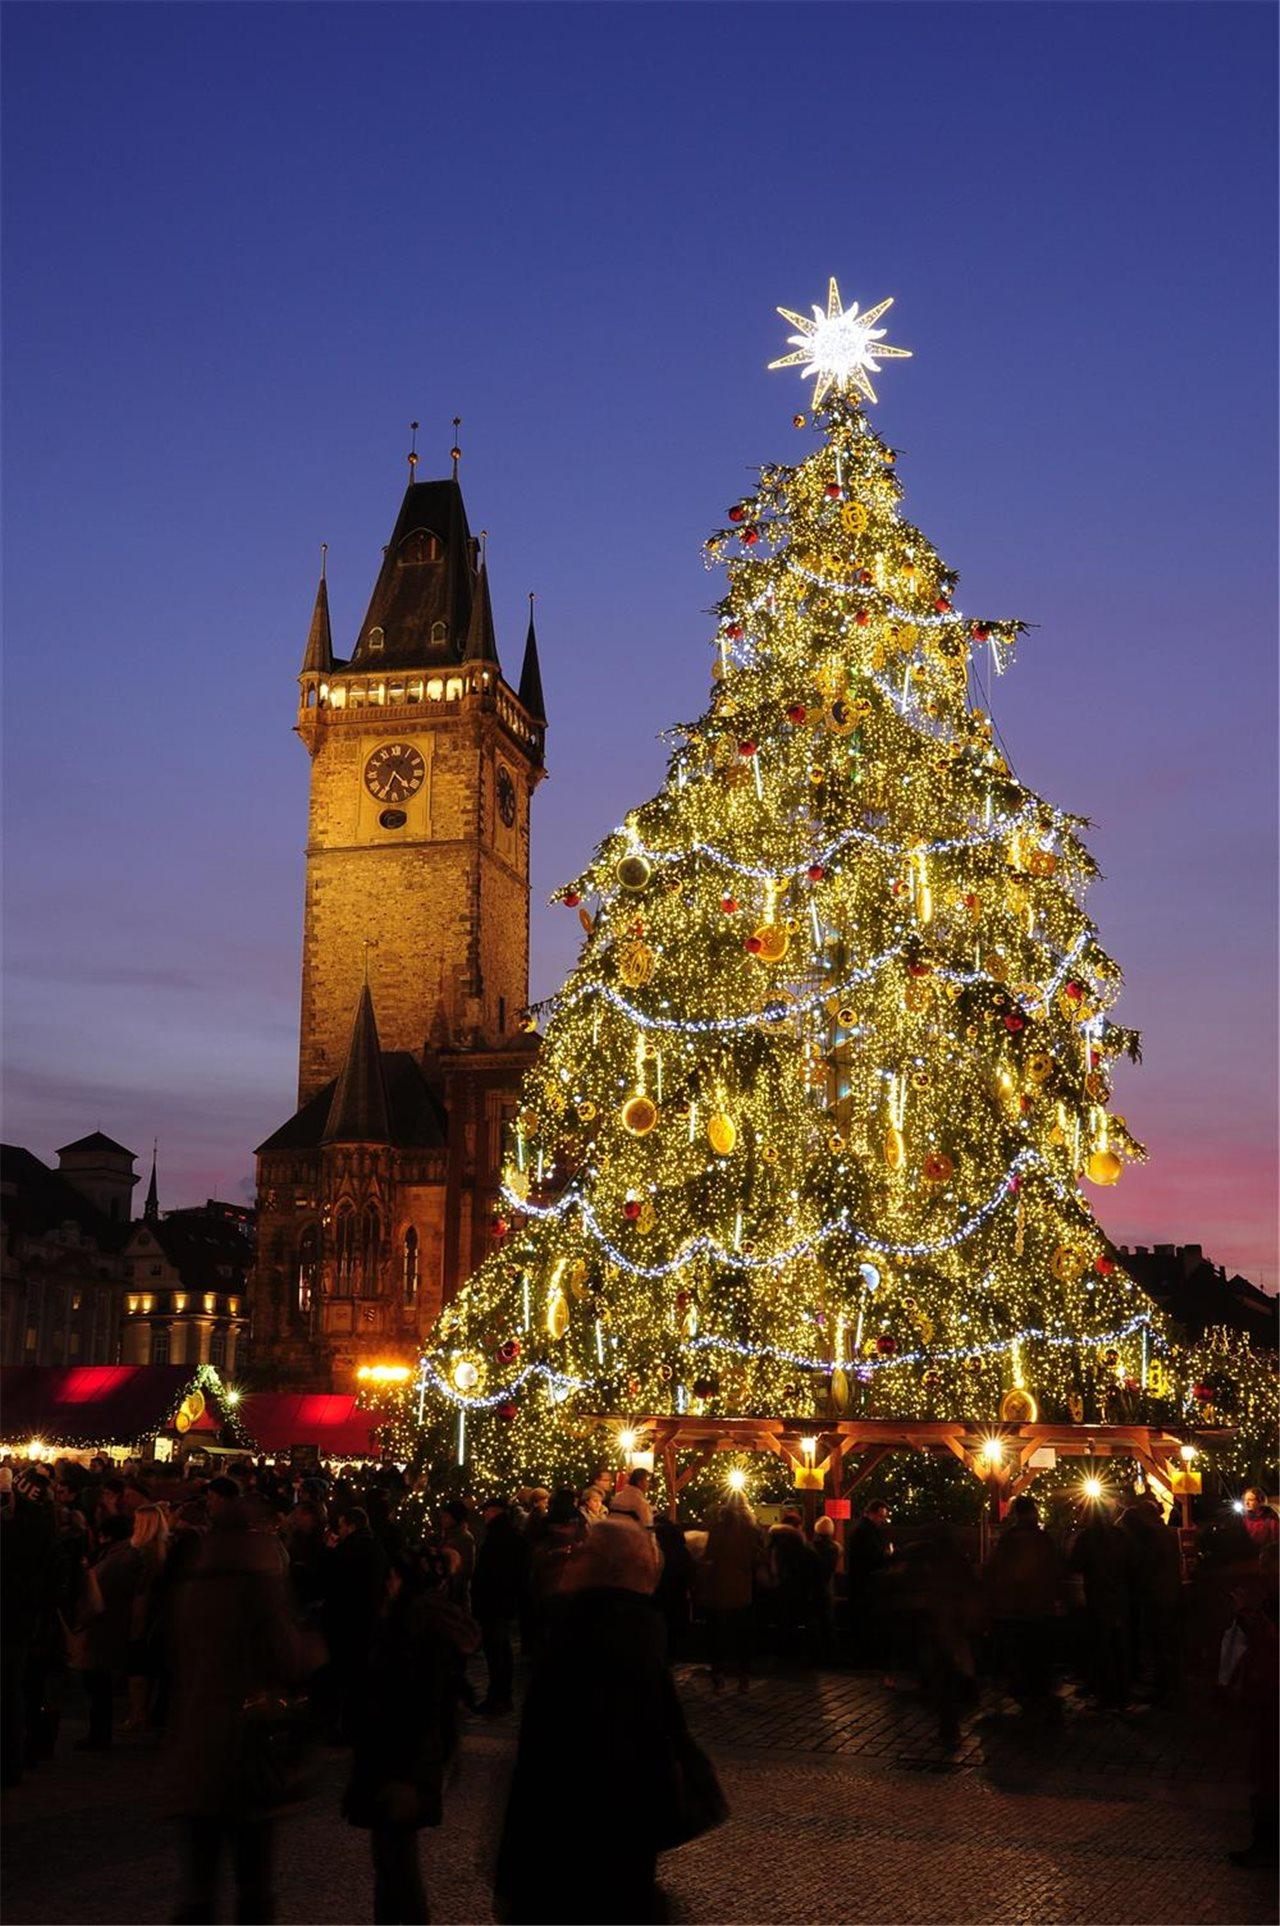 De d nde viene el rbol de navidad - Arboles de navidad de chuches ...